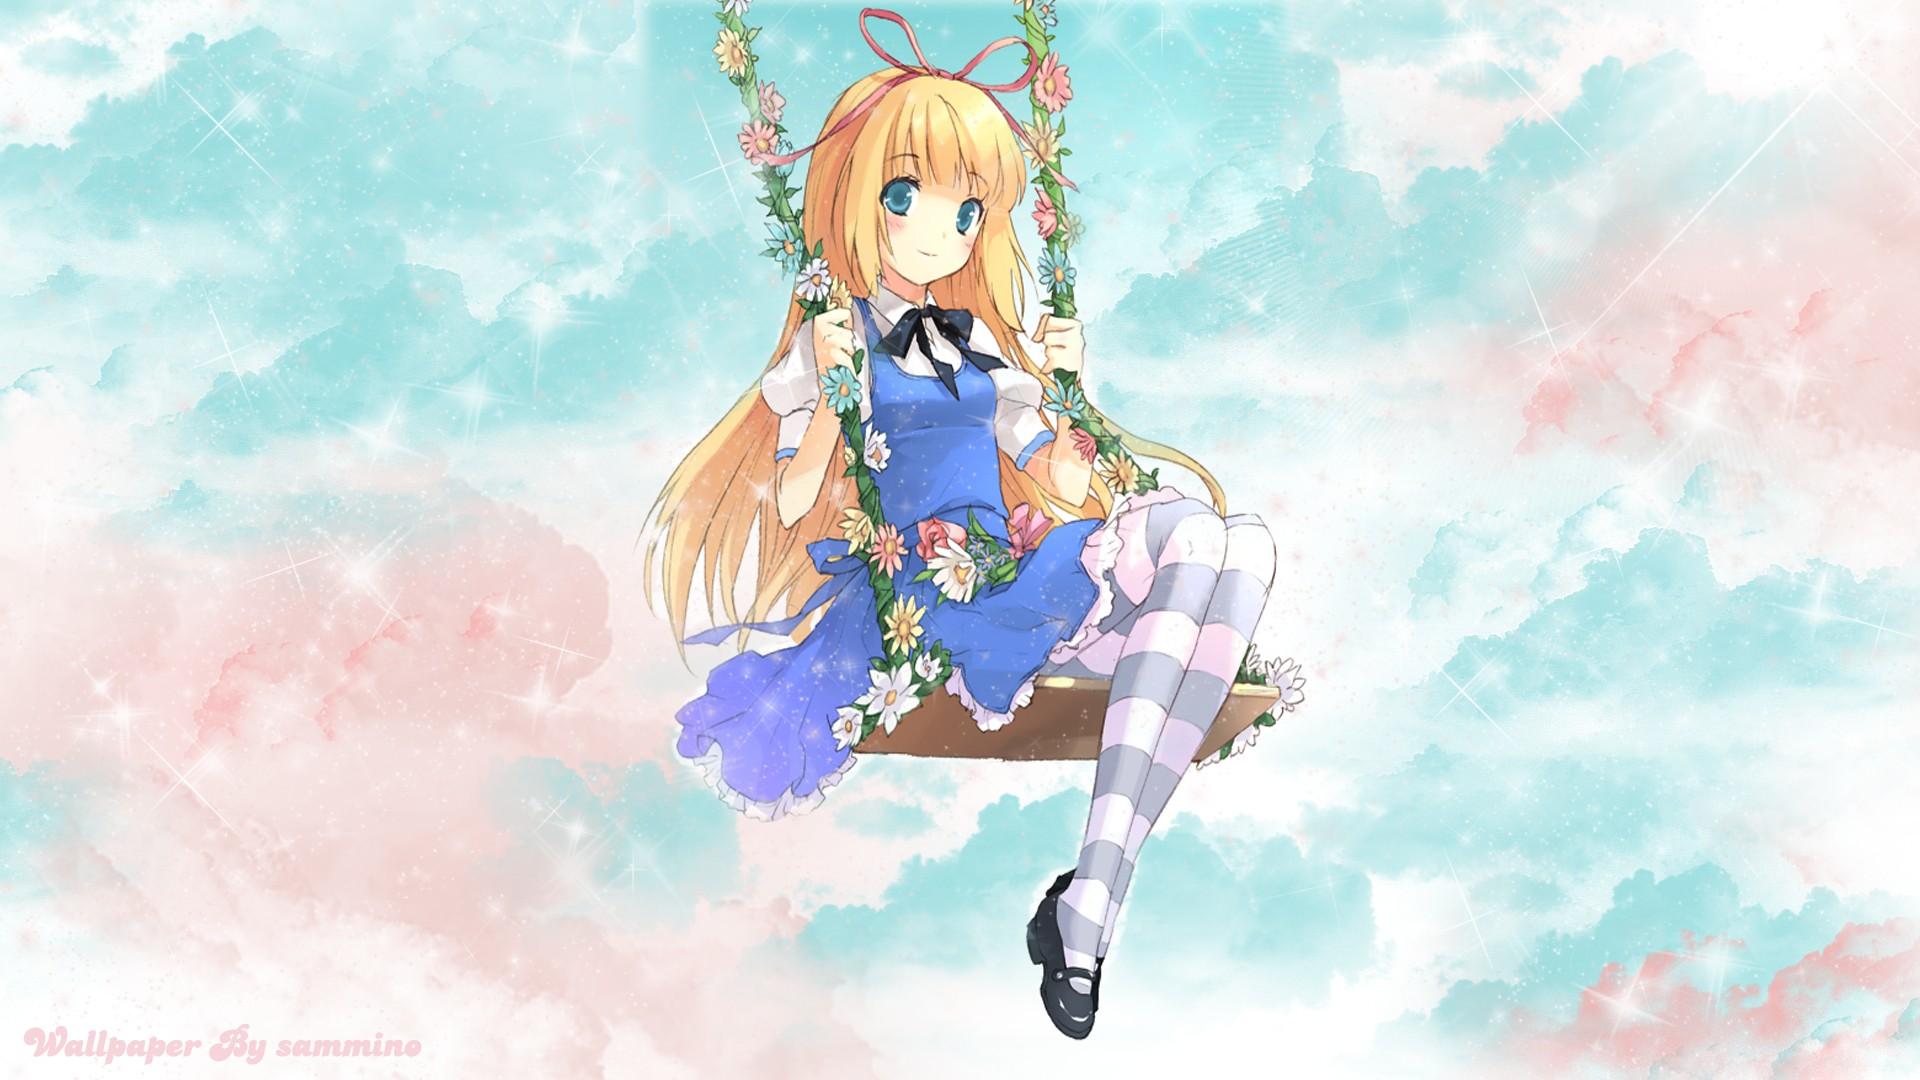 Alice Alice In Wonderland Hd Wallpaper 1072105 Zerochan Anime